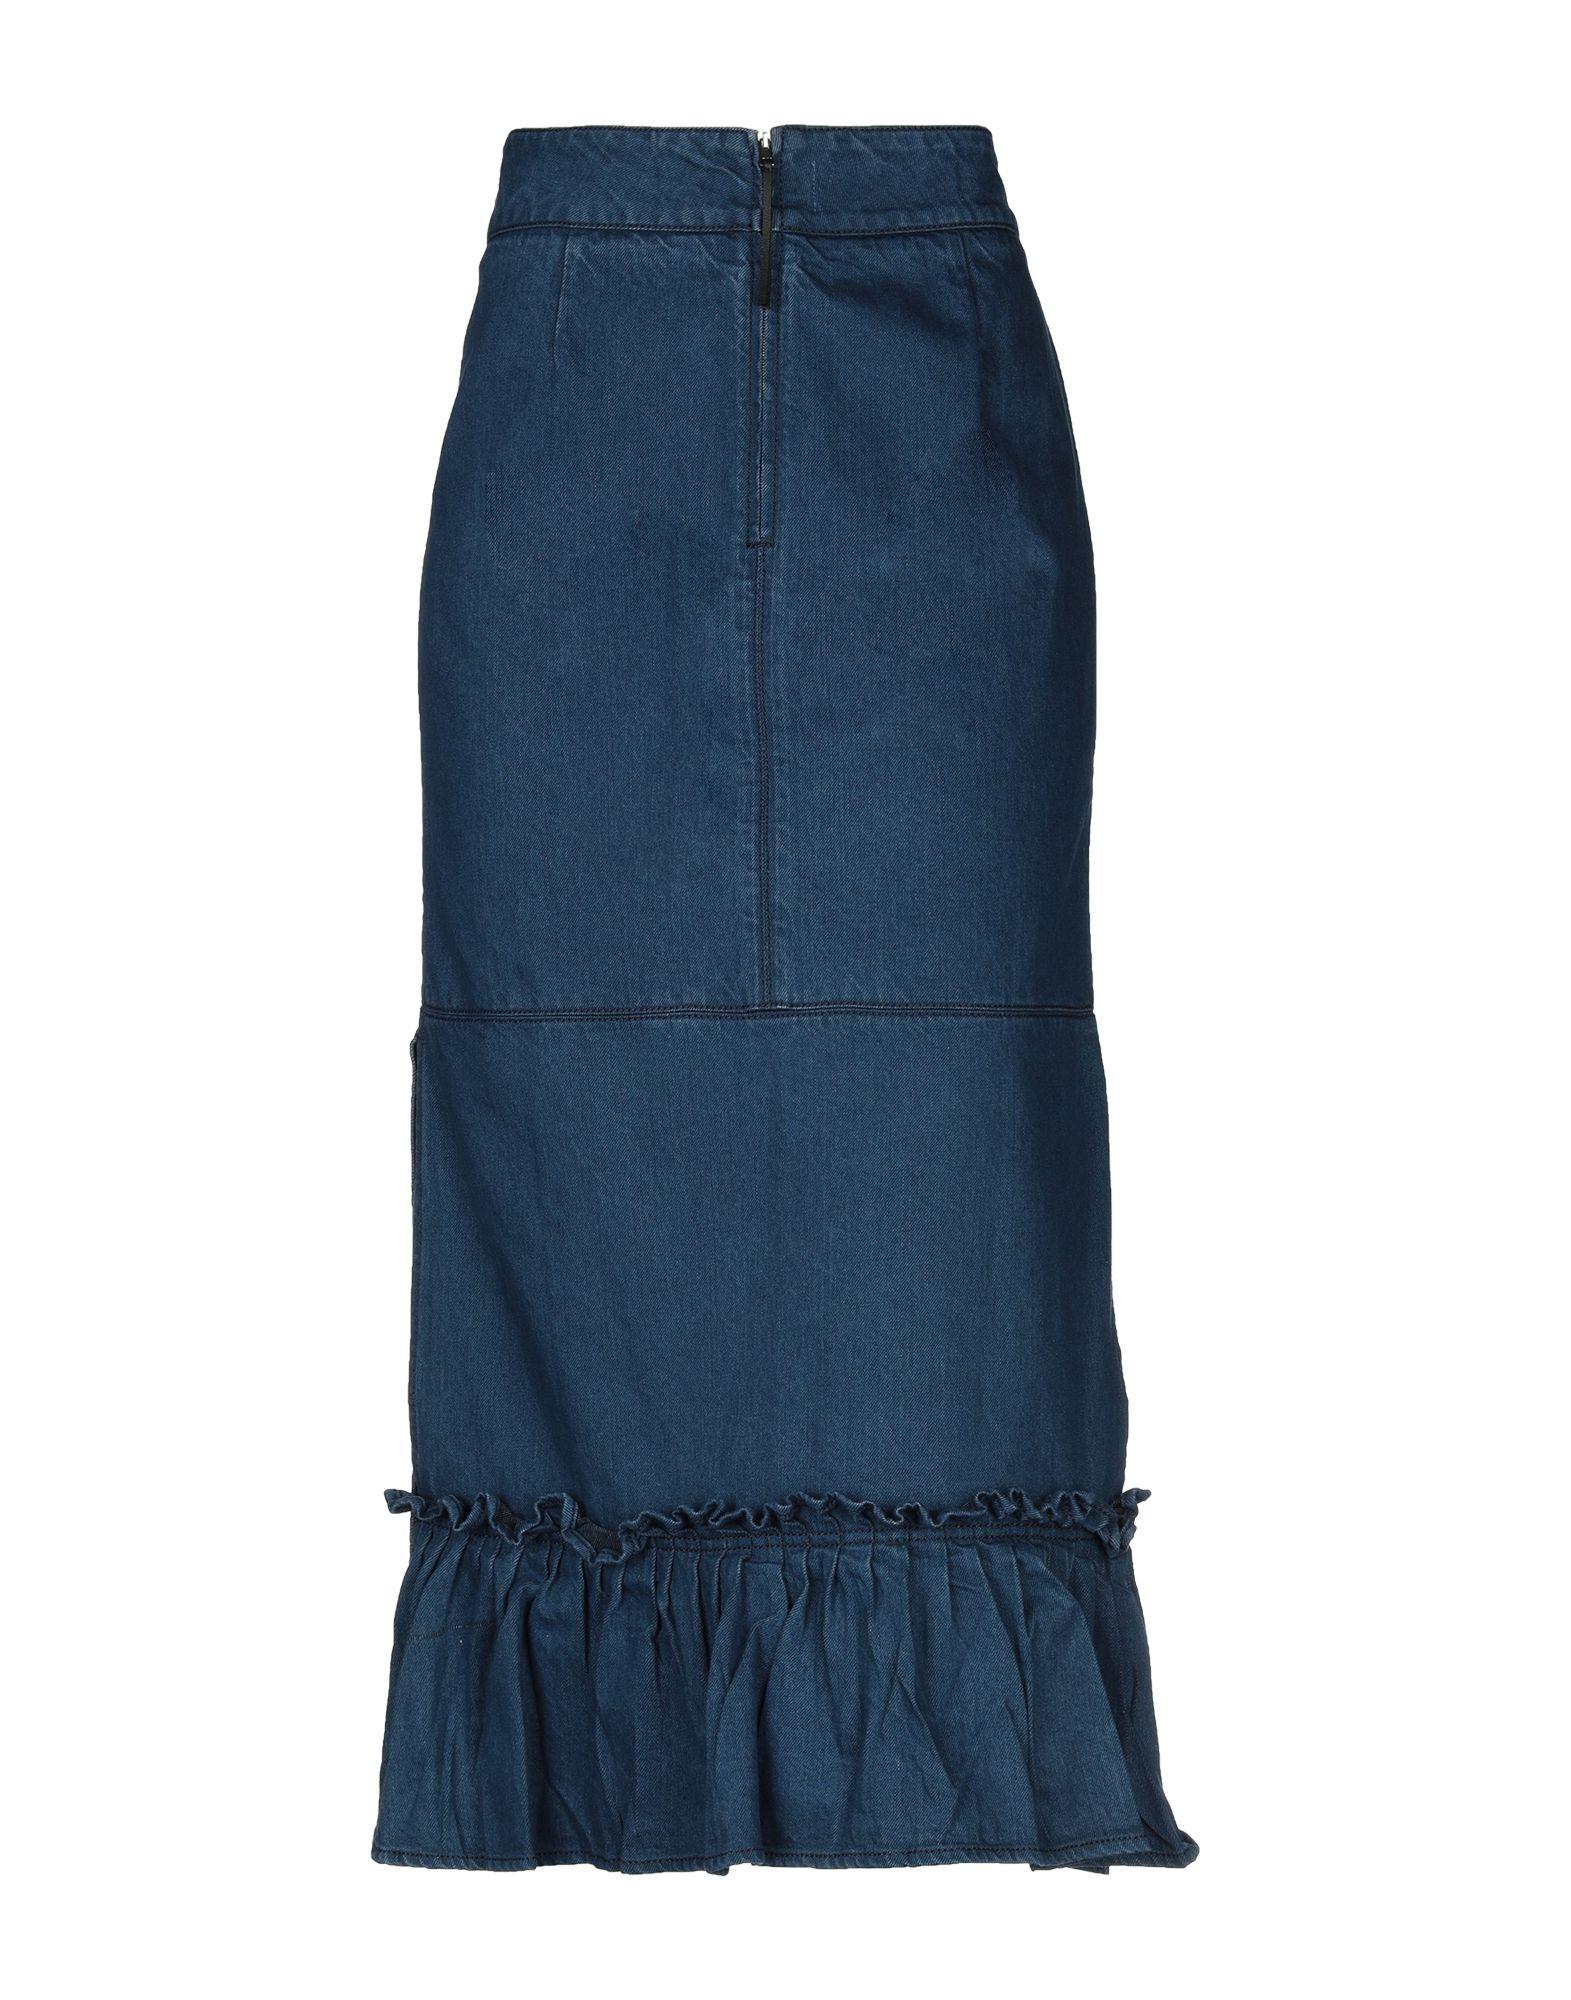 MARNI Джинсовая юбка юбка джинсовая с нагрудником и лямками barkito деним голубой